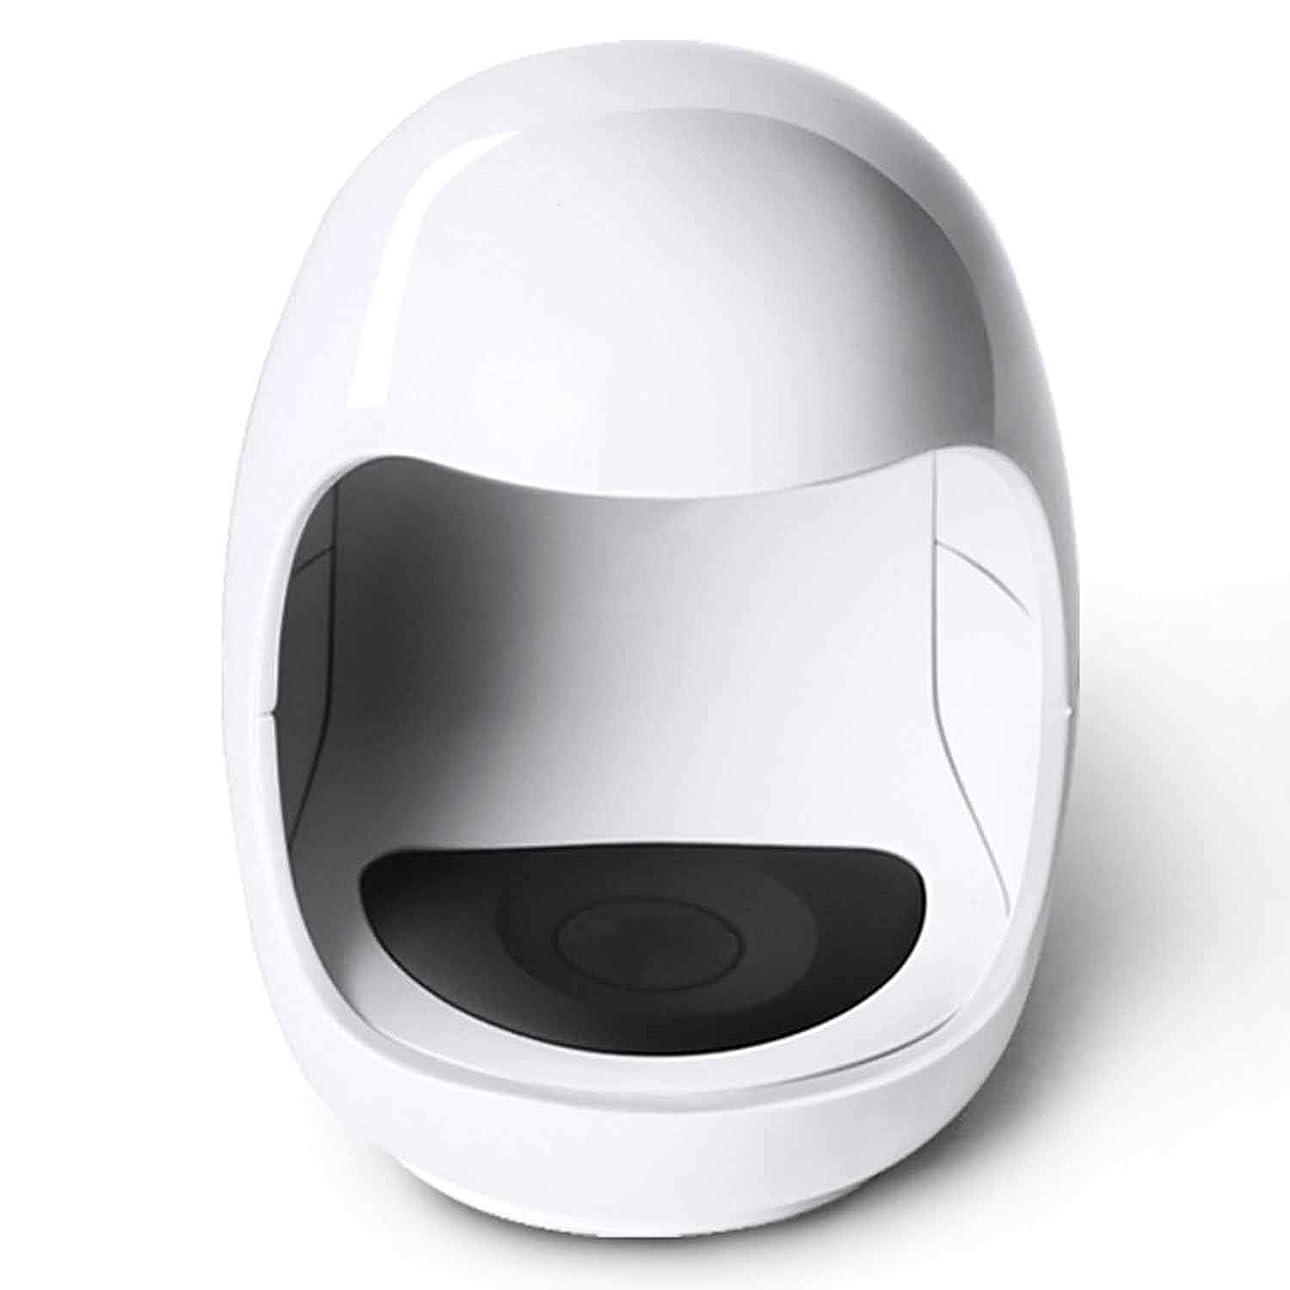 コードレス社会主義拳ミニジェルUV LEDネイルランプネイルドライヤージェルネイルポリッシュLED UVライトプロフェッショナルネイルアートツールアクセサリーホワイト